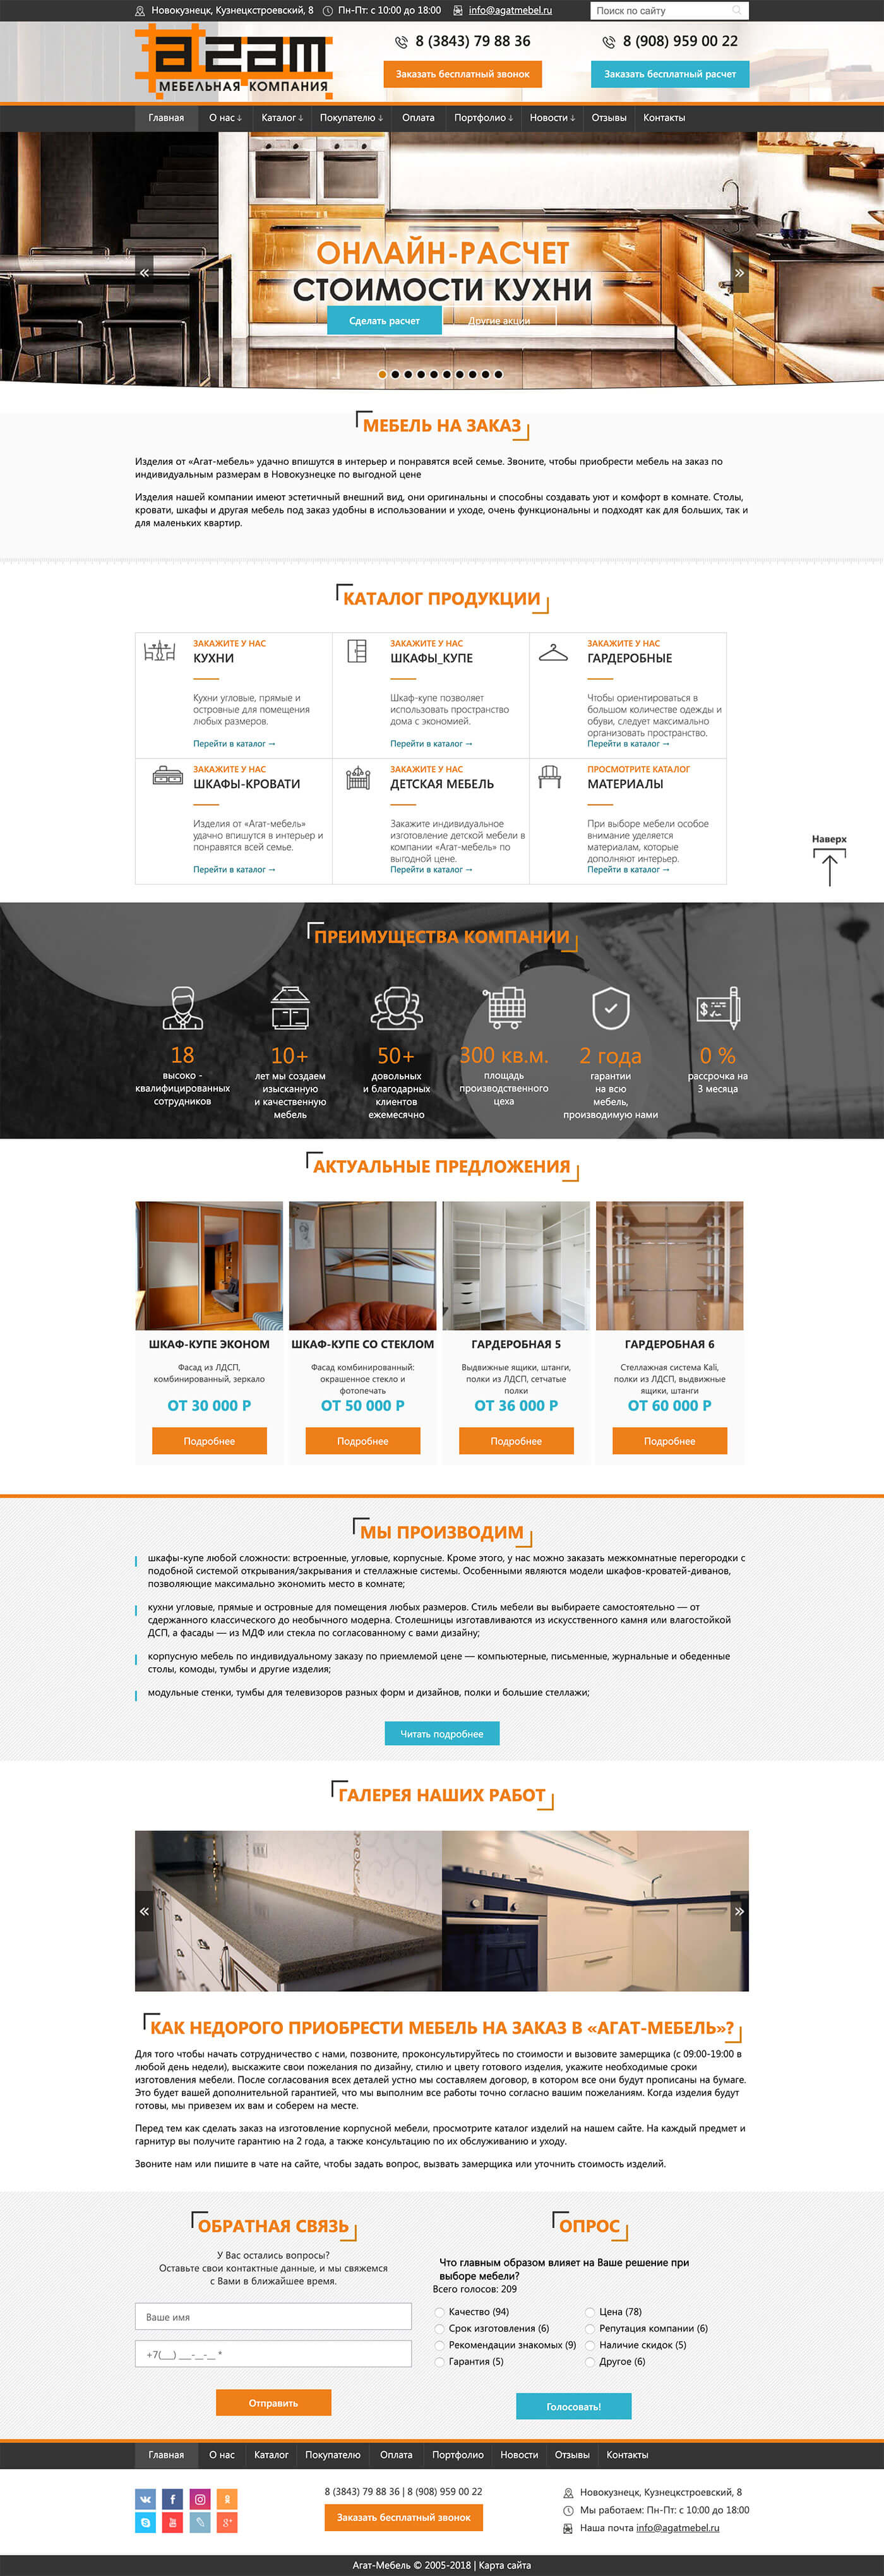 Сайт мебельной компании Агат